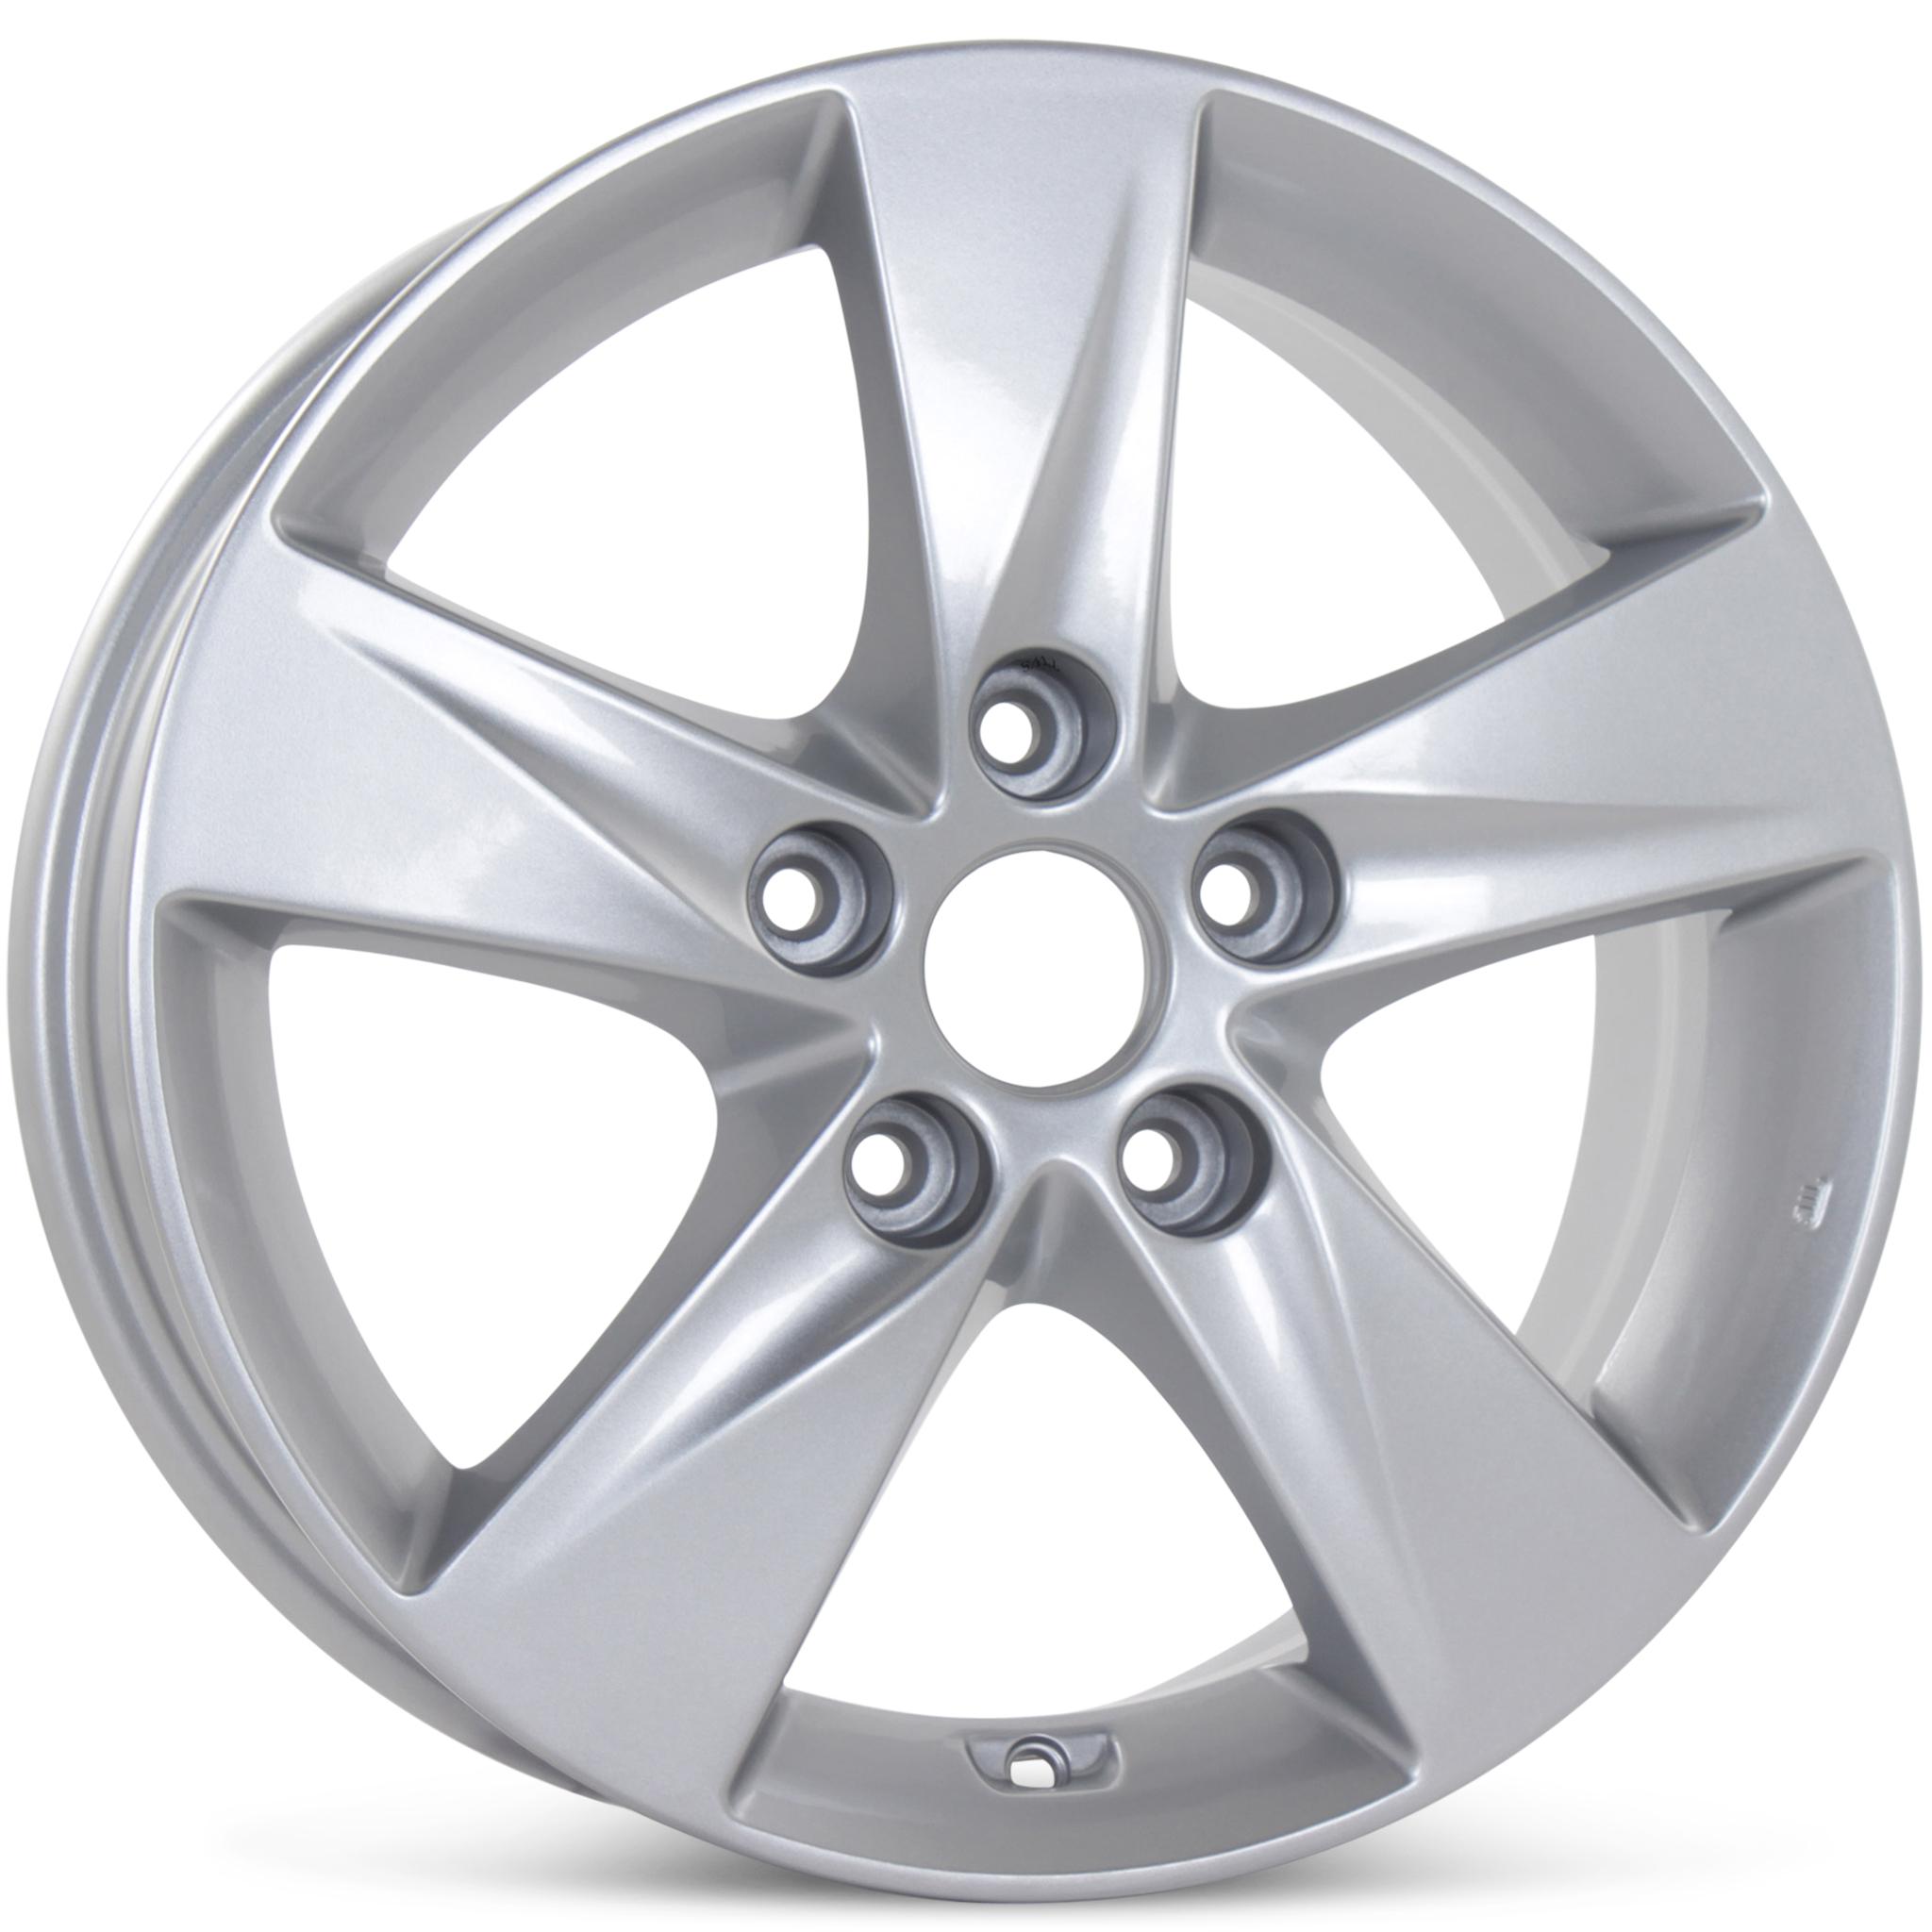 """Hyundai Elantra Tire Size: New 16"""" Alloy Wheel For Hyundai Elantra 2011 2012 2013 Rim"""